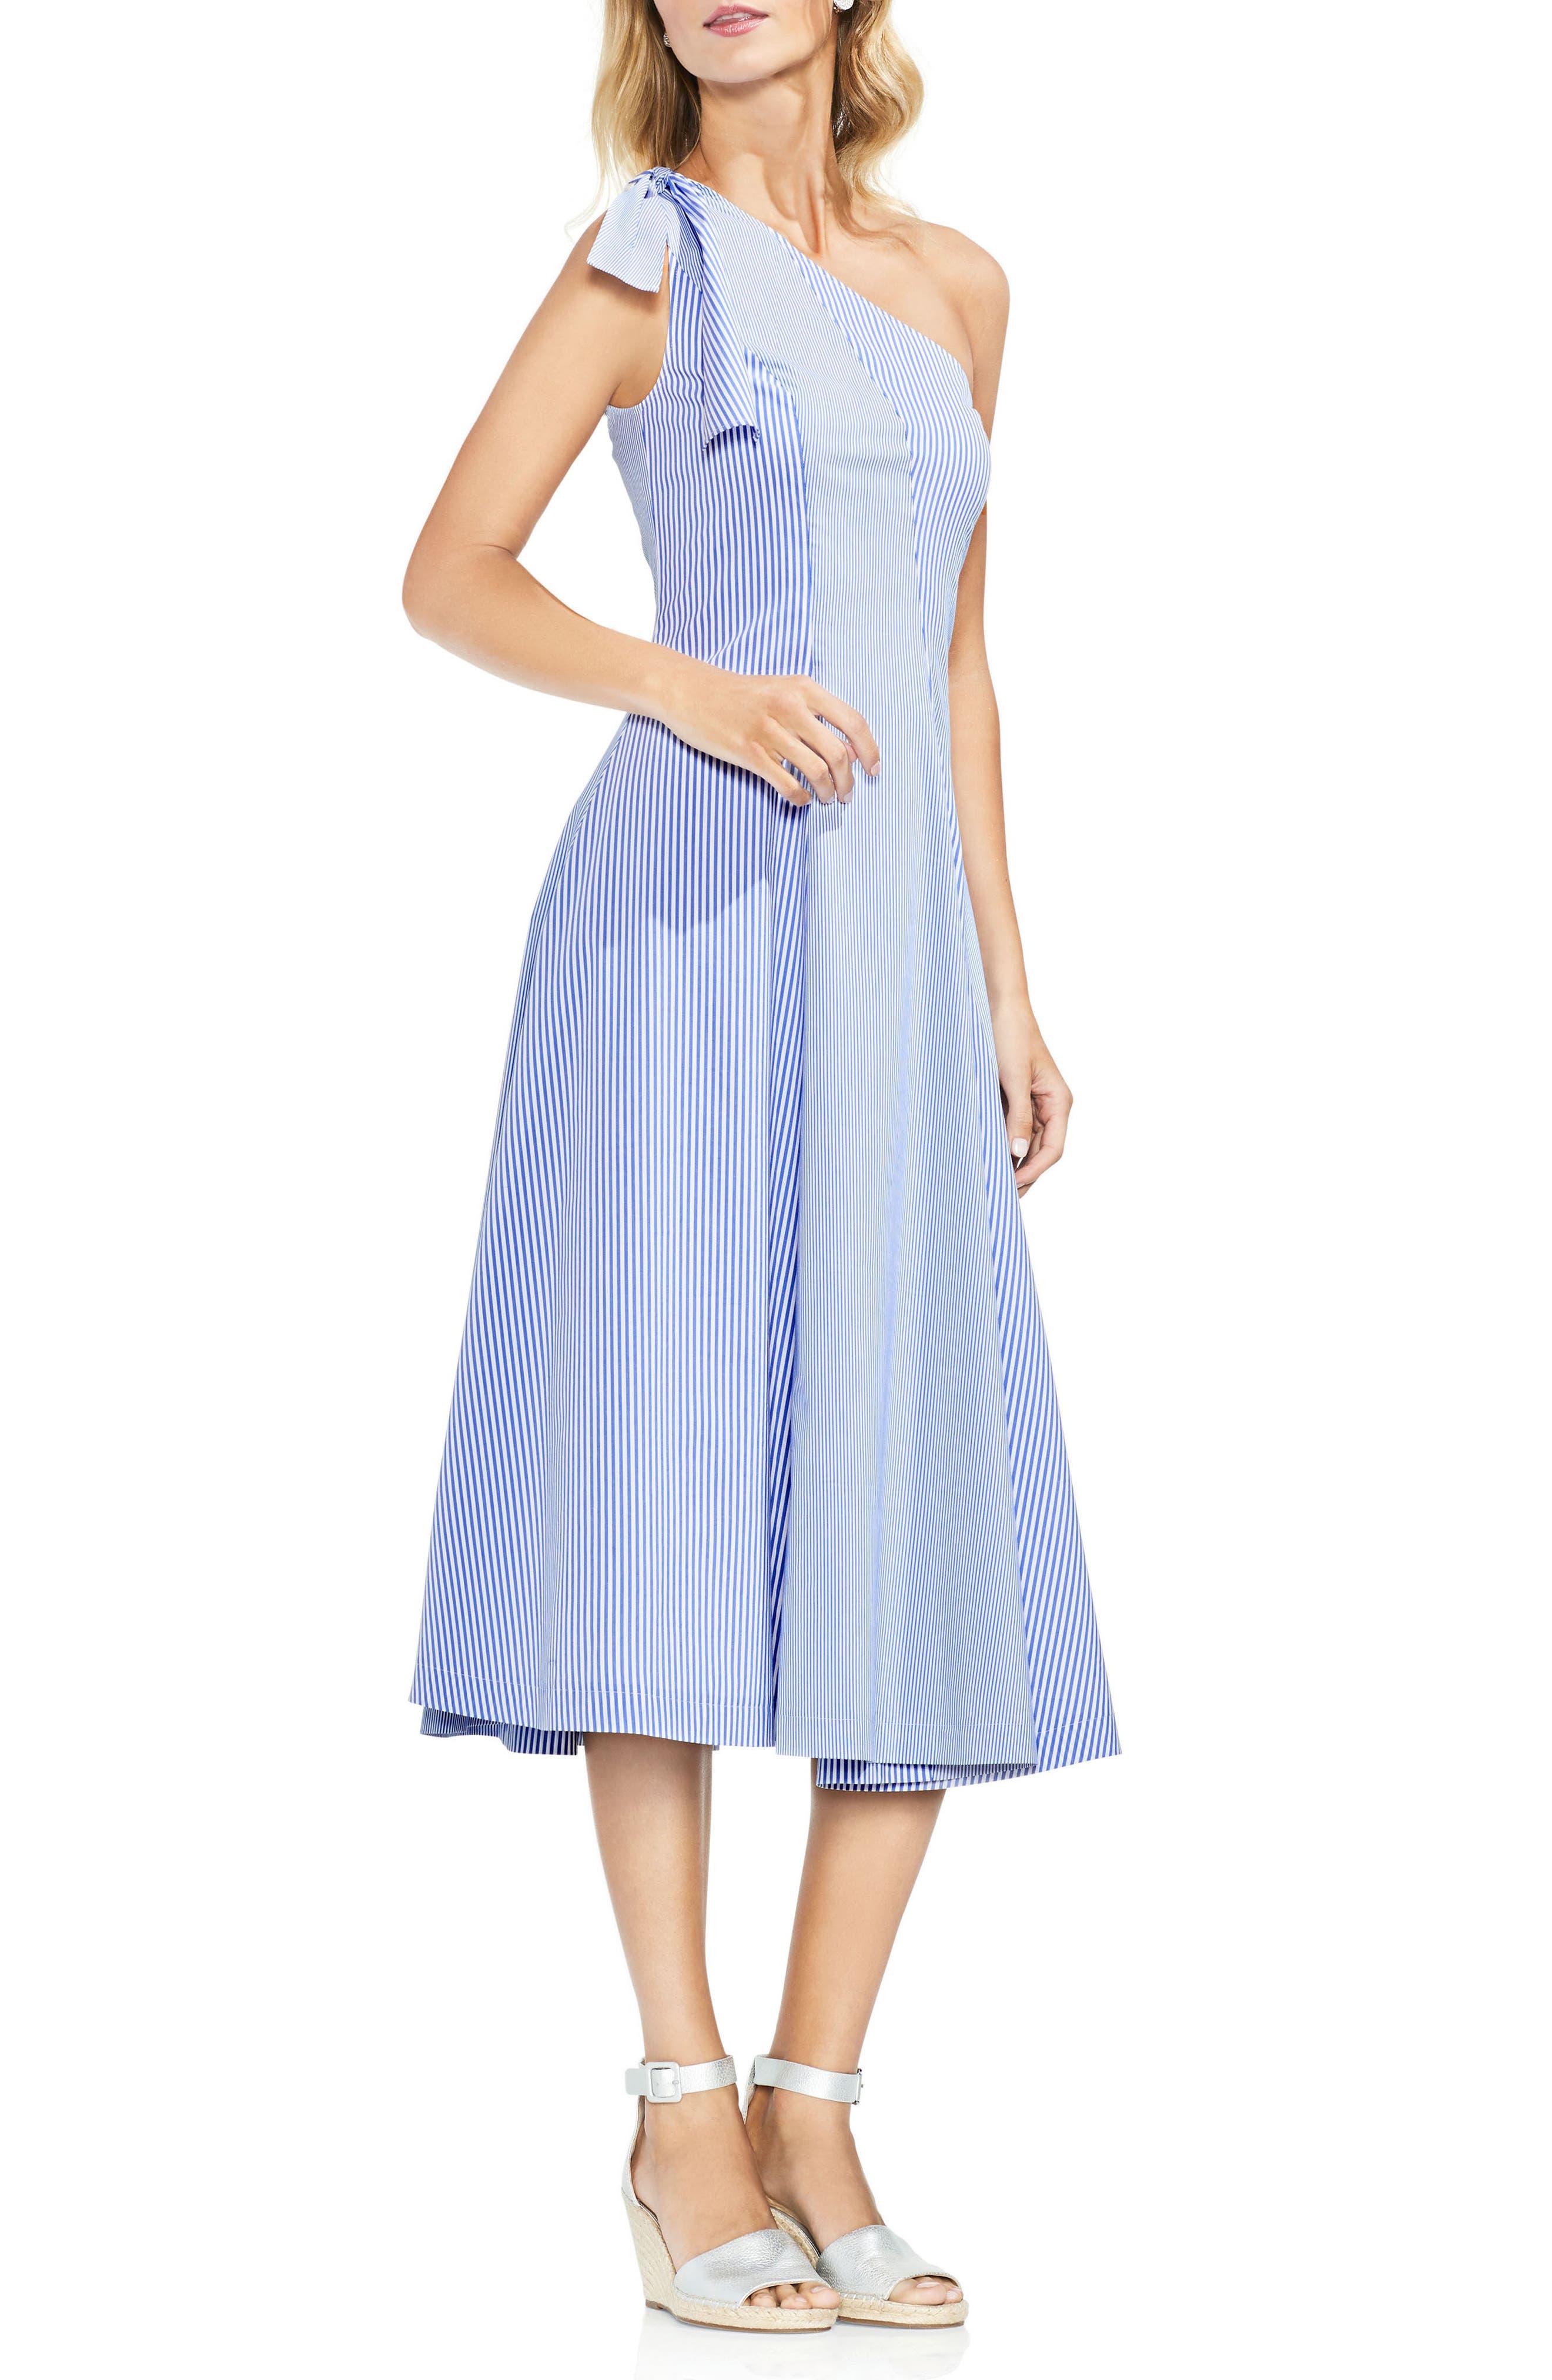 Vince Camuto One-Shoulder Pinstripe Dress